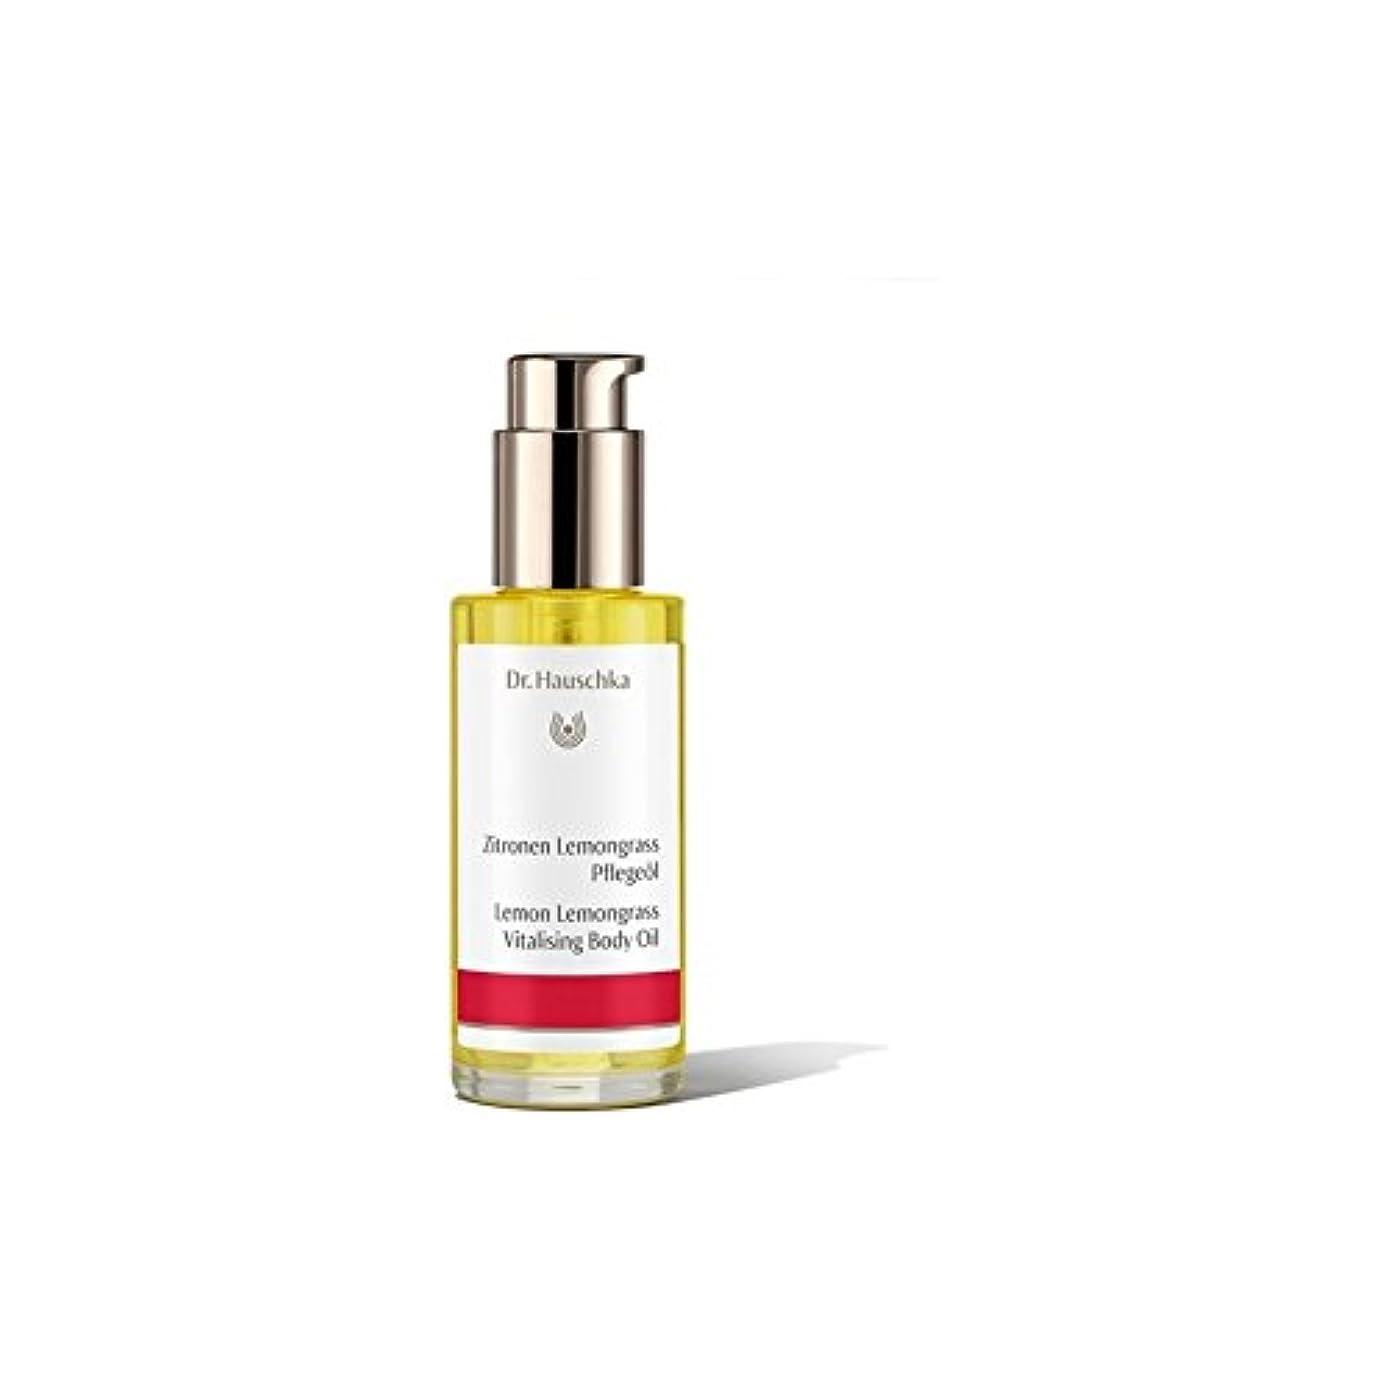 設置要塞補償ハウシュカレモンレモングラスボディオイル(75ミリリットル) x2 - Dr. Hauschka Lemon Lemongrass Vitalising Body Oil (75ml) (Pack of 2) [並行輸入品]